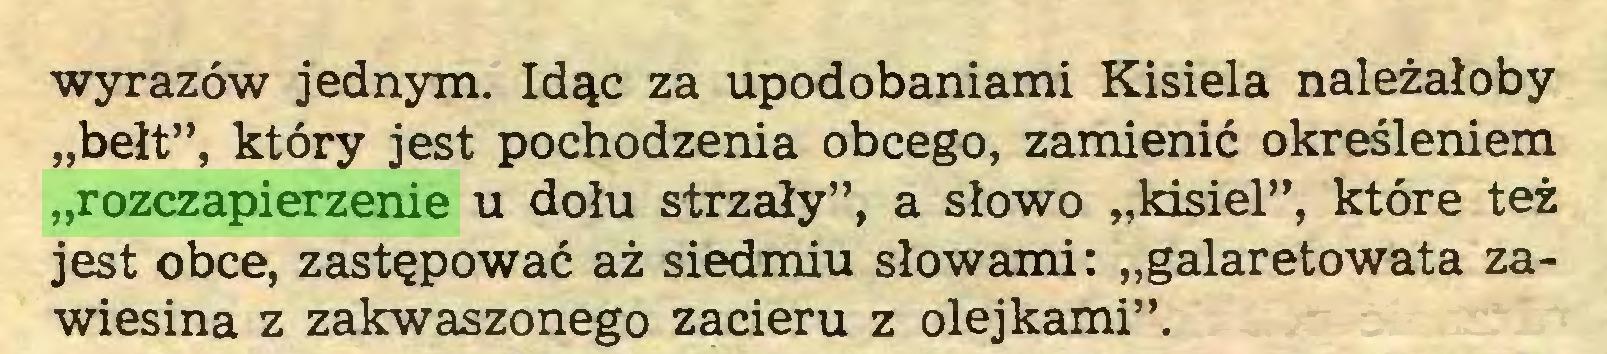 """(...) wyrazów jednym. Idąc za upodobaniami Kisiela należałoby """"bełt"""", który jest pochodzenia obcego, zamienić określeniem """"rozczapierzenie u dołu strzały"""", a słowo """"kisiel"""", które też jest obce, zastępować aż siedmiu słowami: """"galaretowata zawiesina z zakwaszonego zacieru z olejkami""""..."""